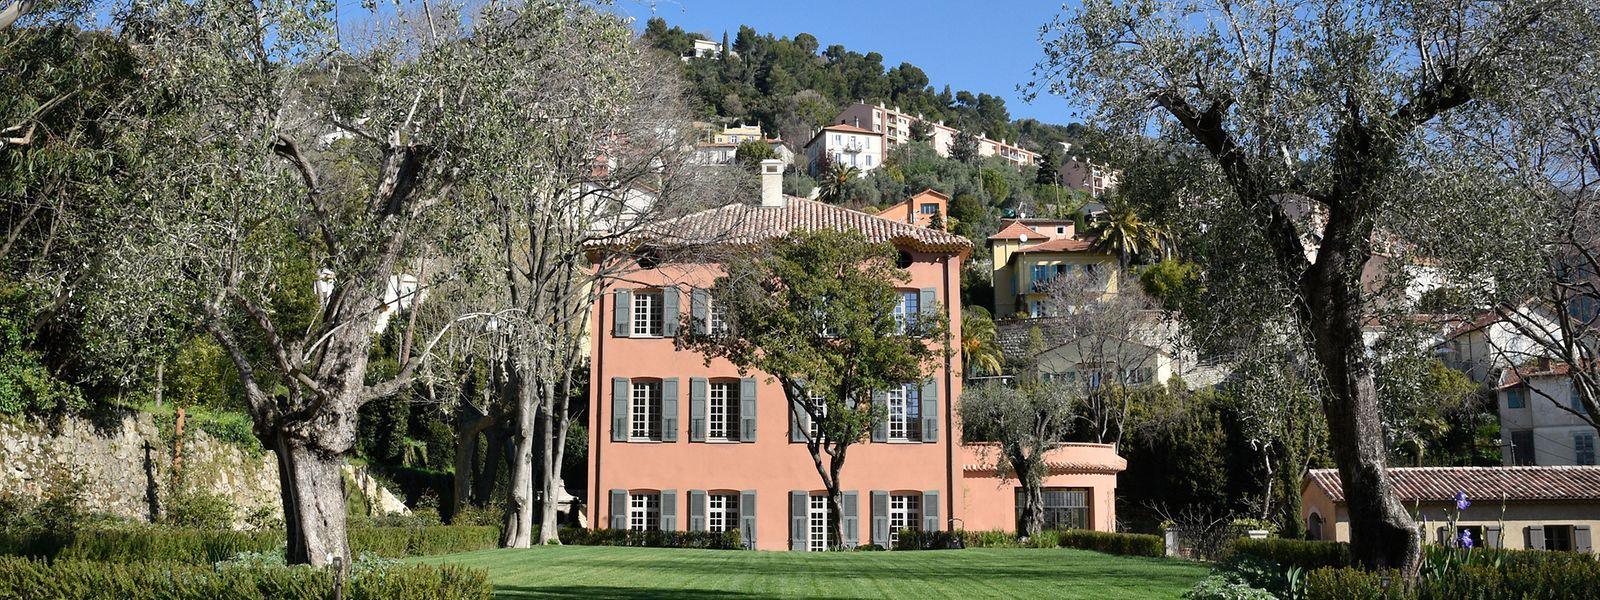 In der Mittagssonne erstrahlt die klassische Fassade der Bastide in einer warmen Terrakottanuance.